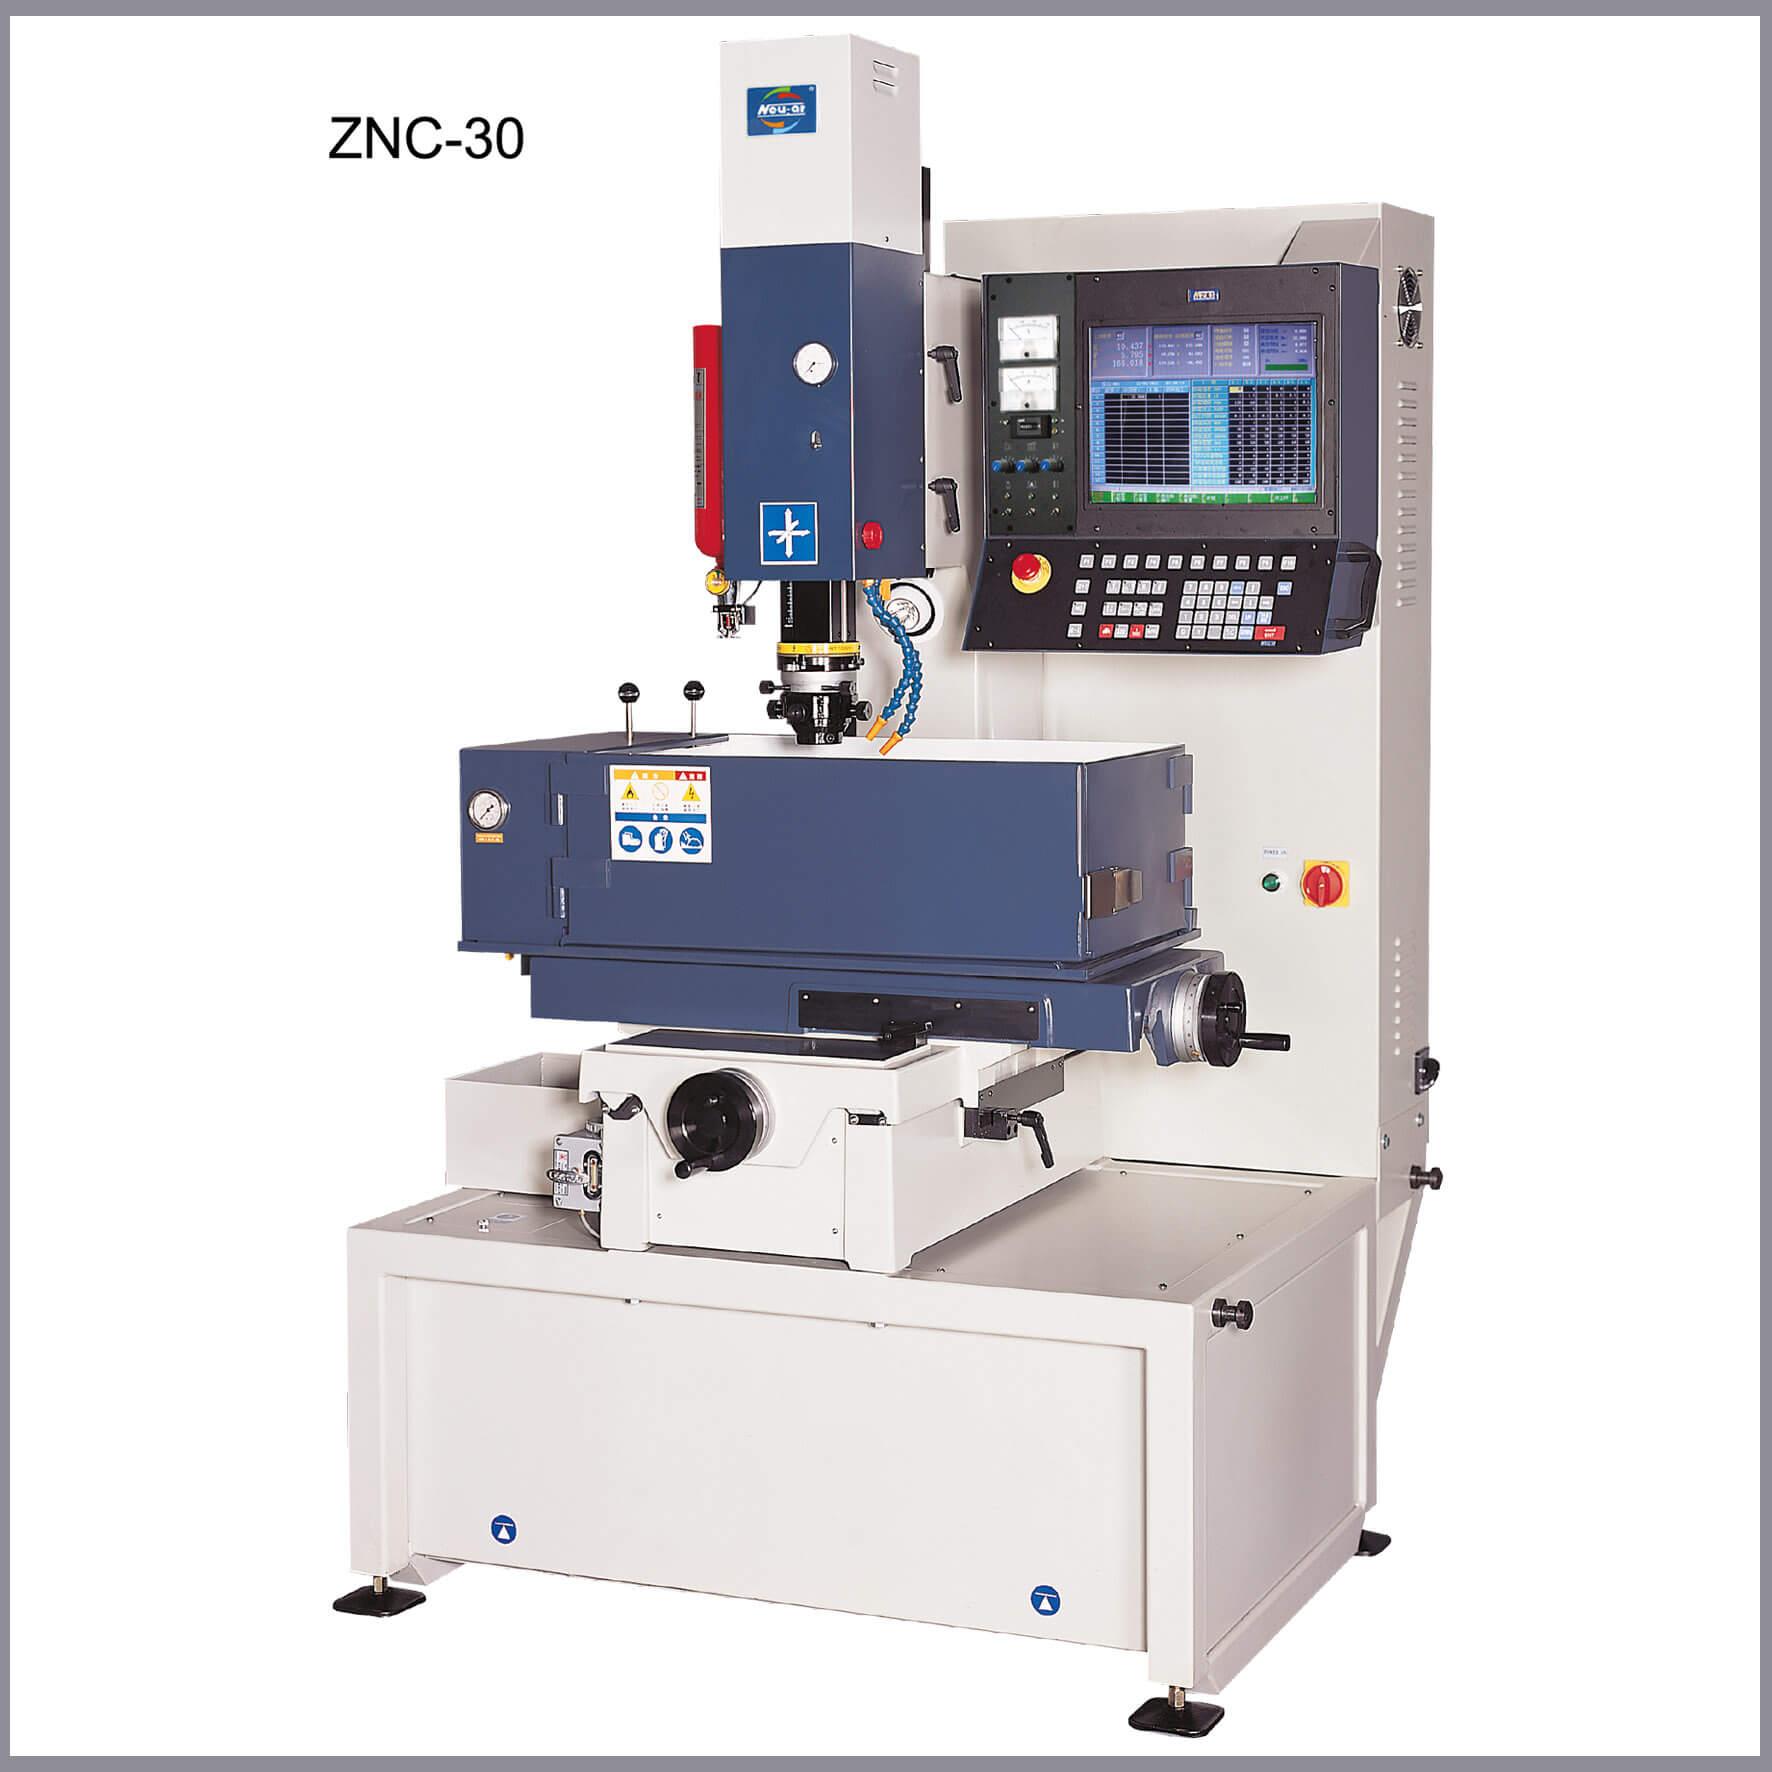 NEUAR ZNC-30 250 x 200 x 200 mm